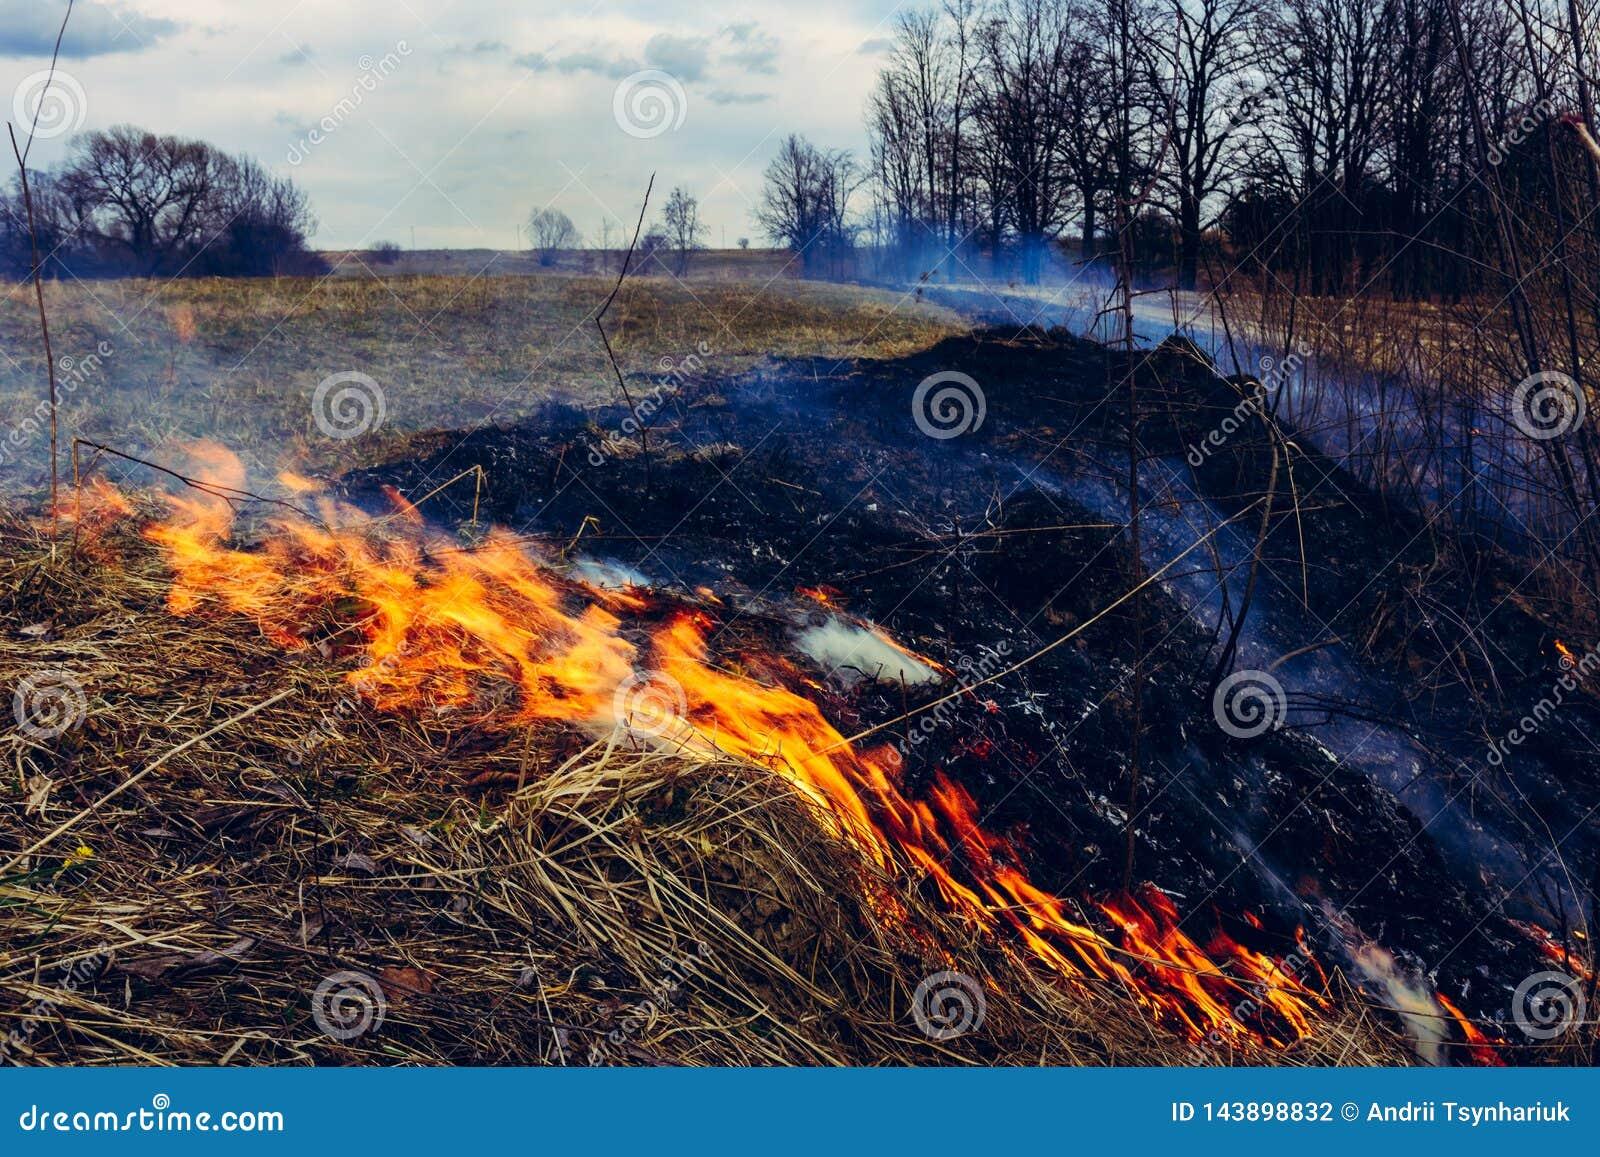 Digamos parar el quemar de la hierba seca, él es peligroso